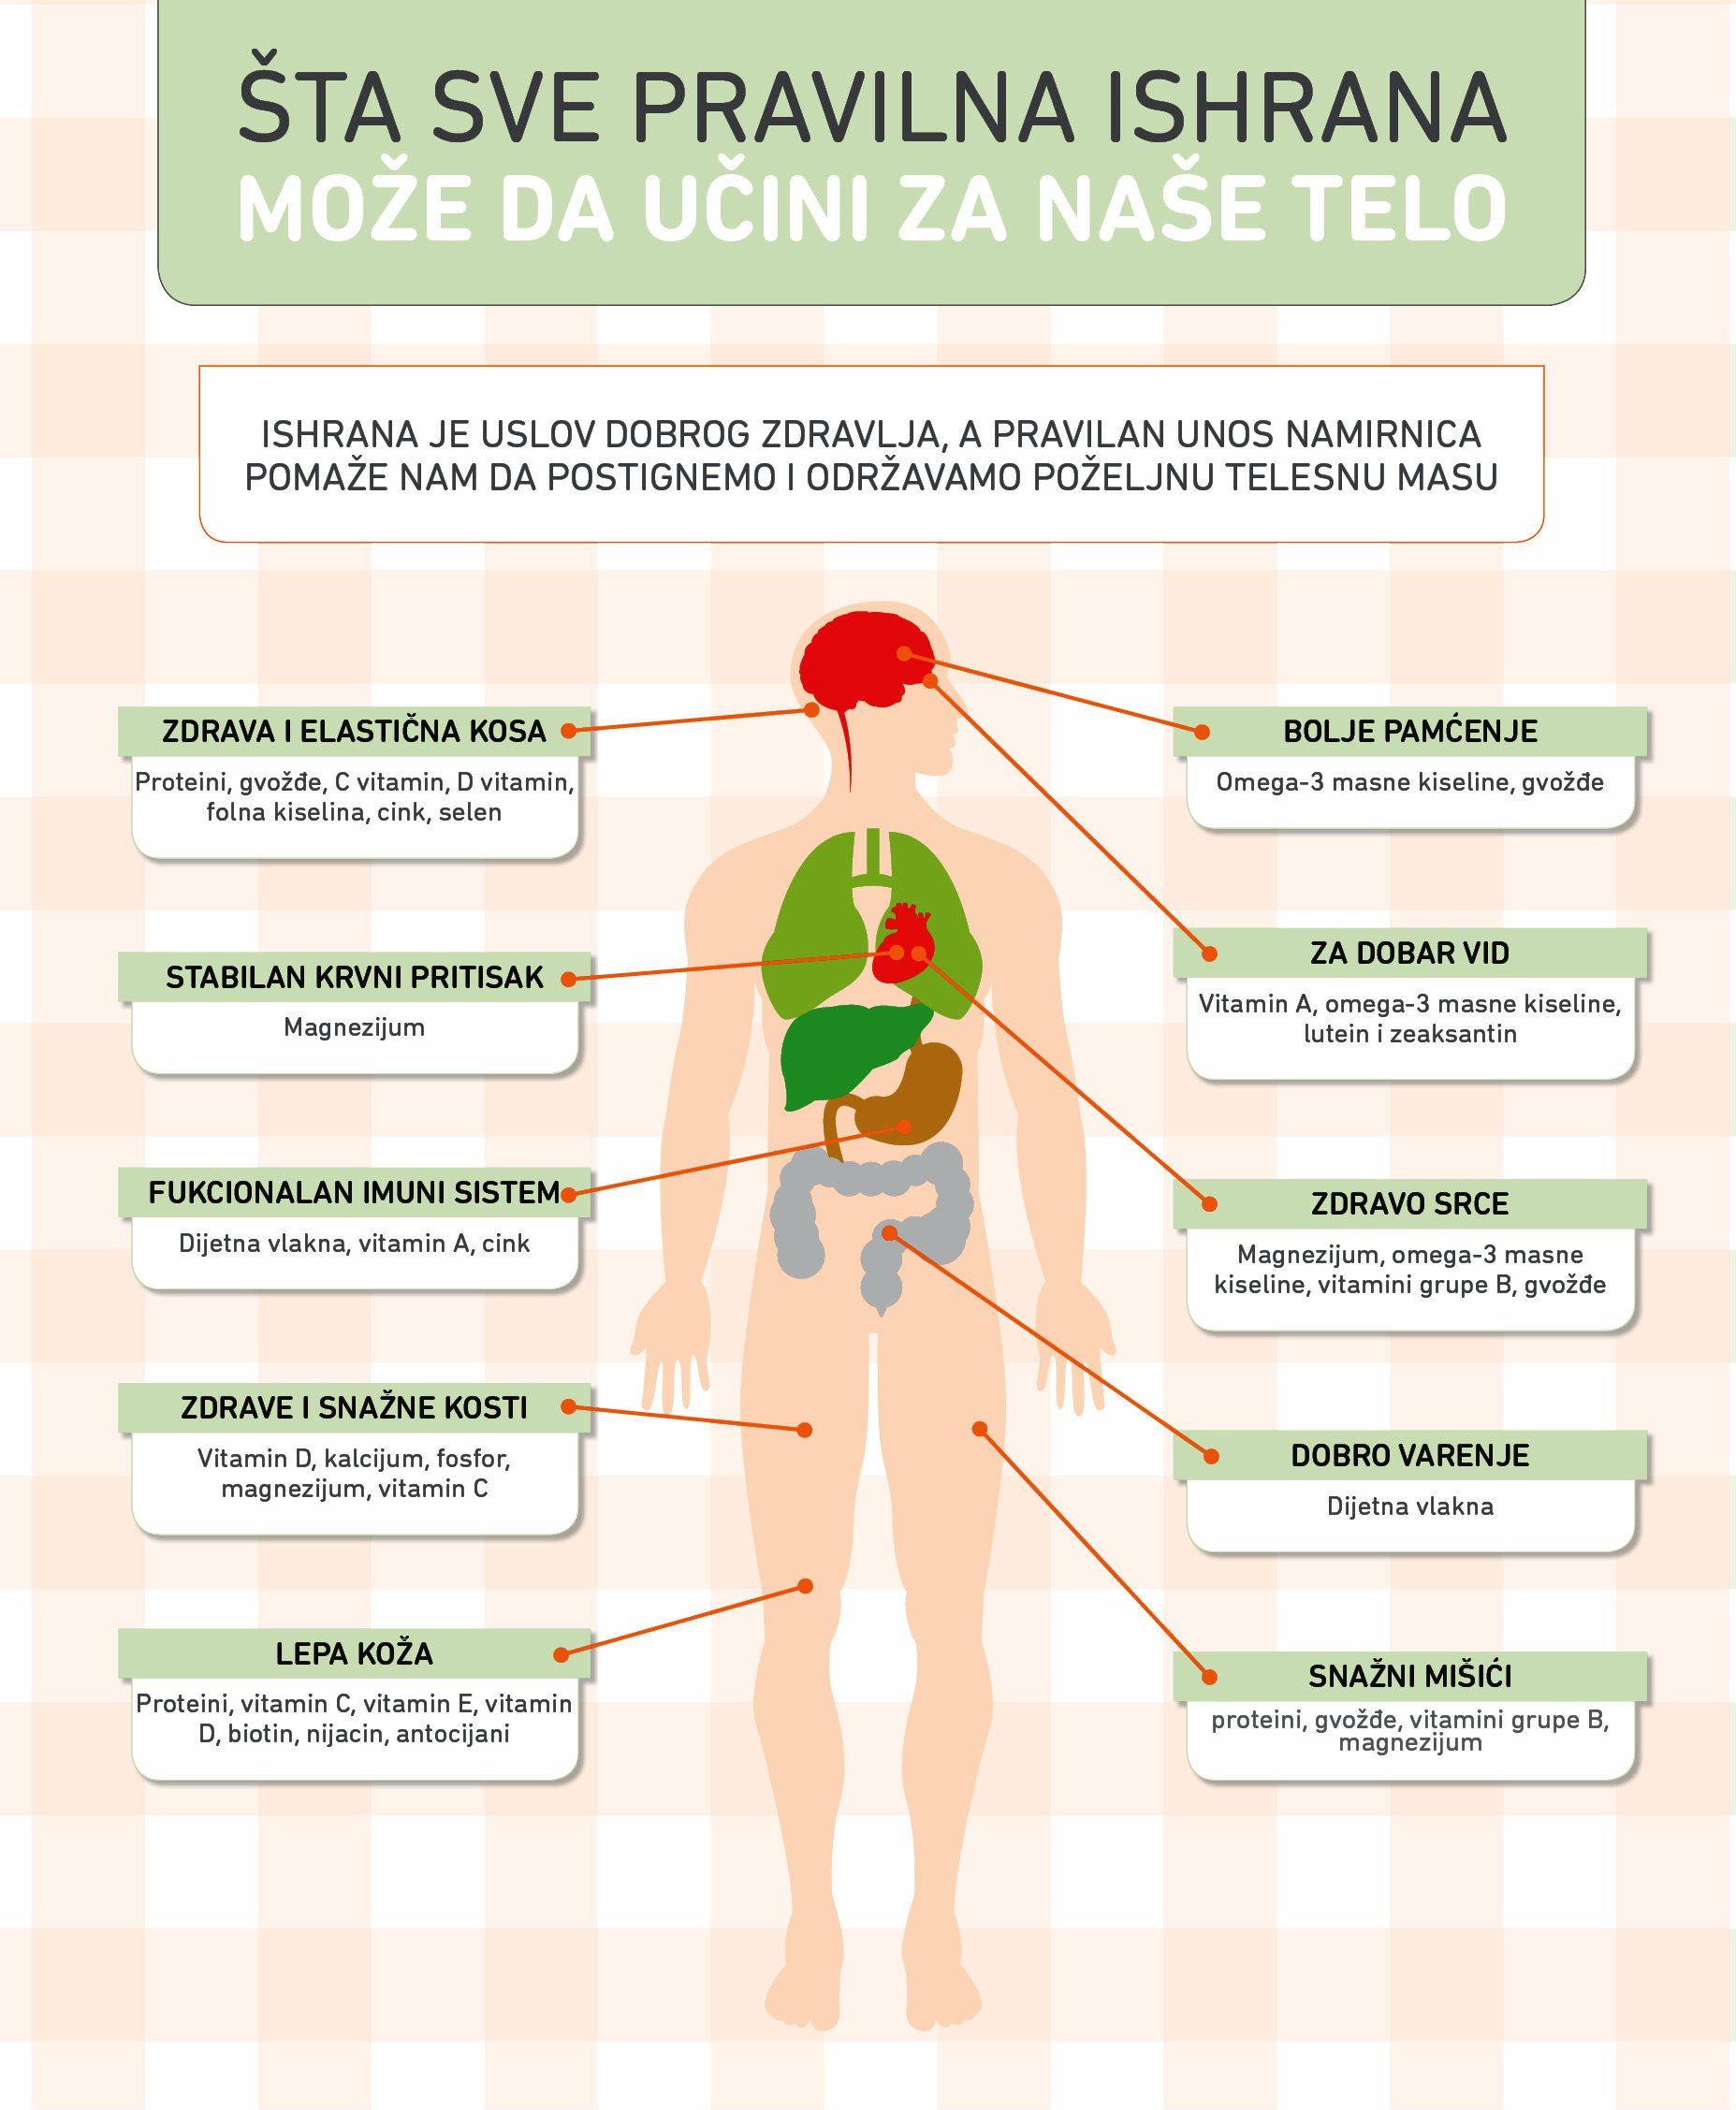 Šta sve pravilna ishrana može da učini za naše telo? 2